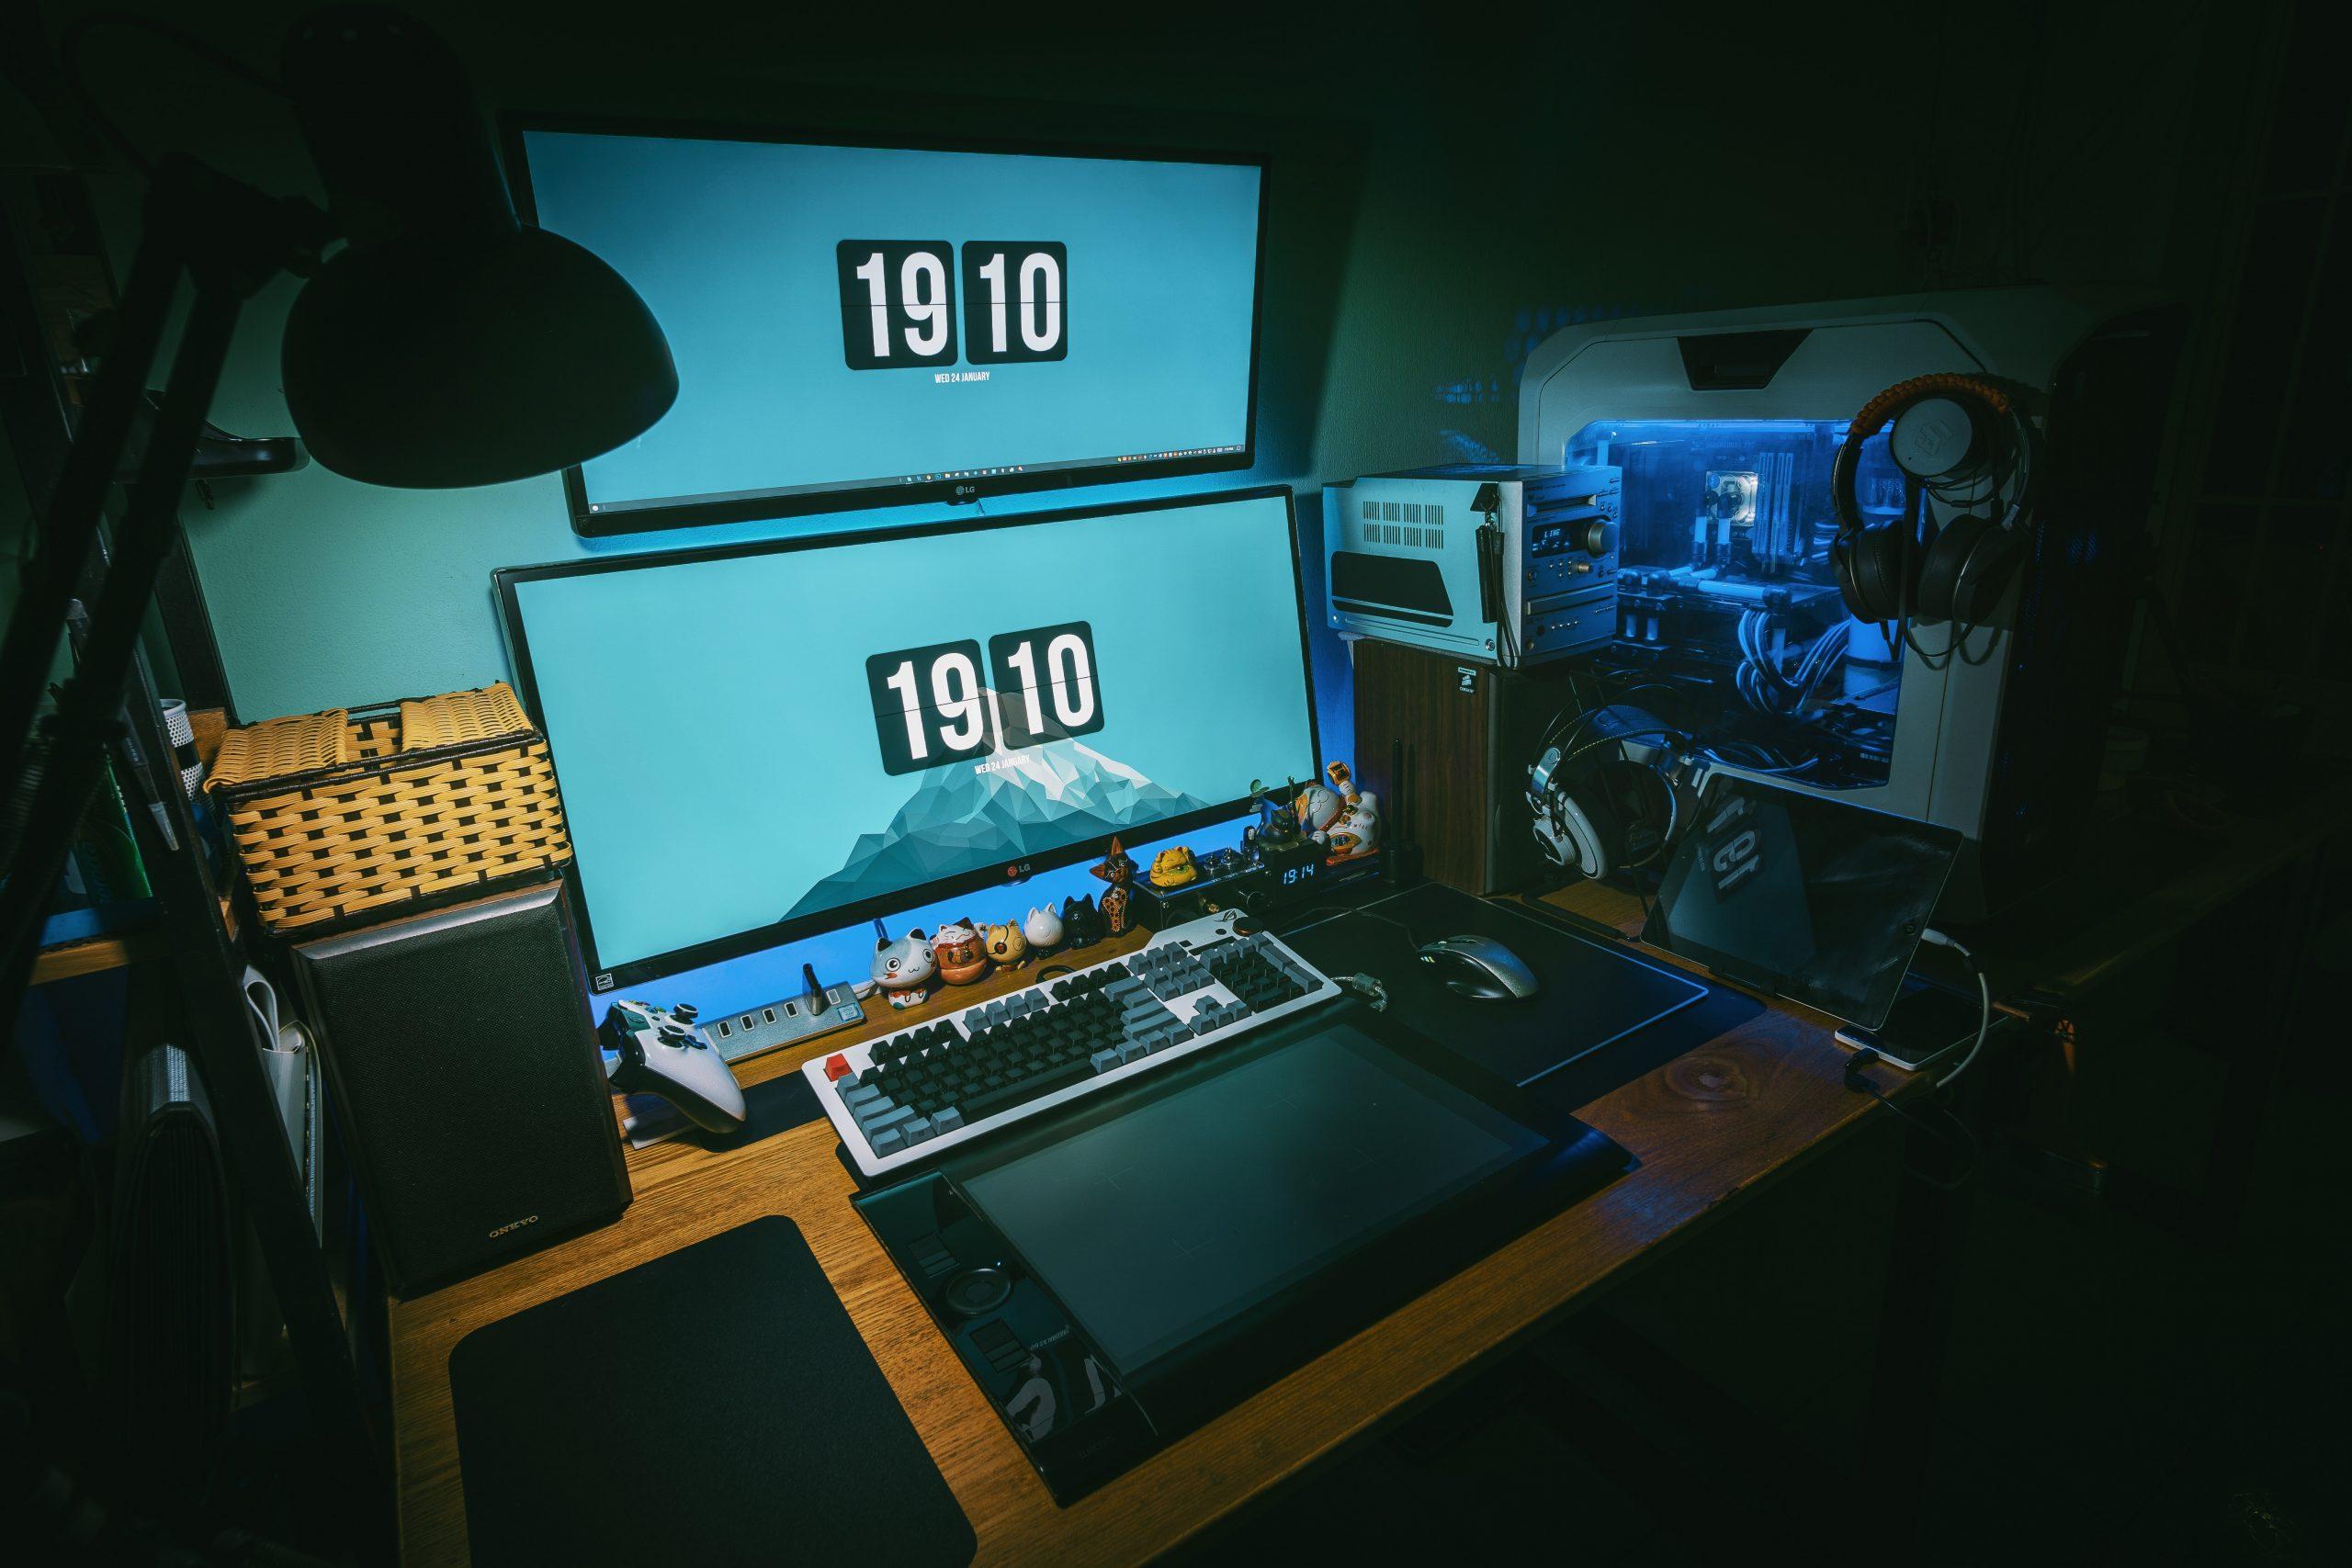 Imagem mostra um PC gamer completo com um gabinete moderno e futurista.